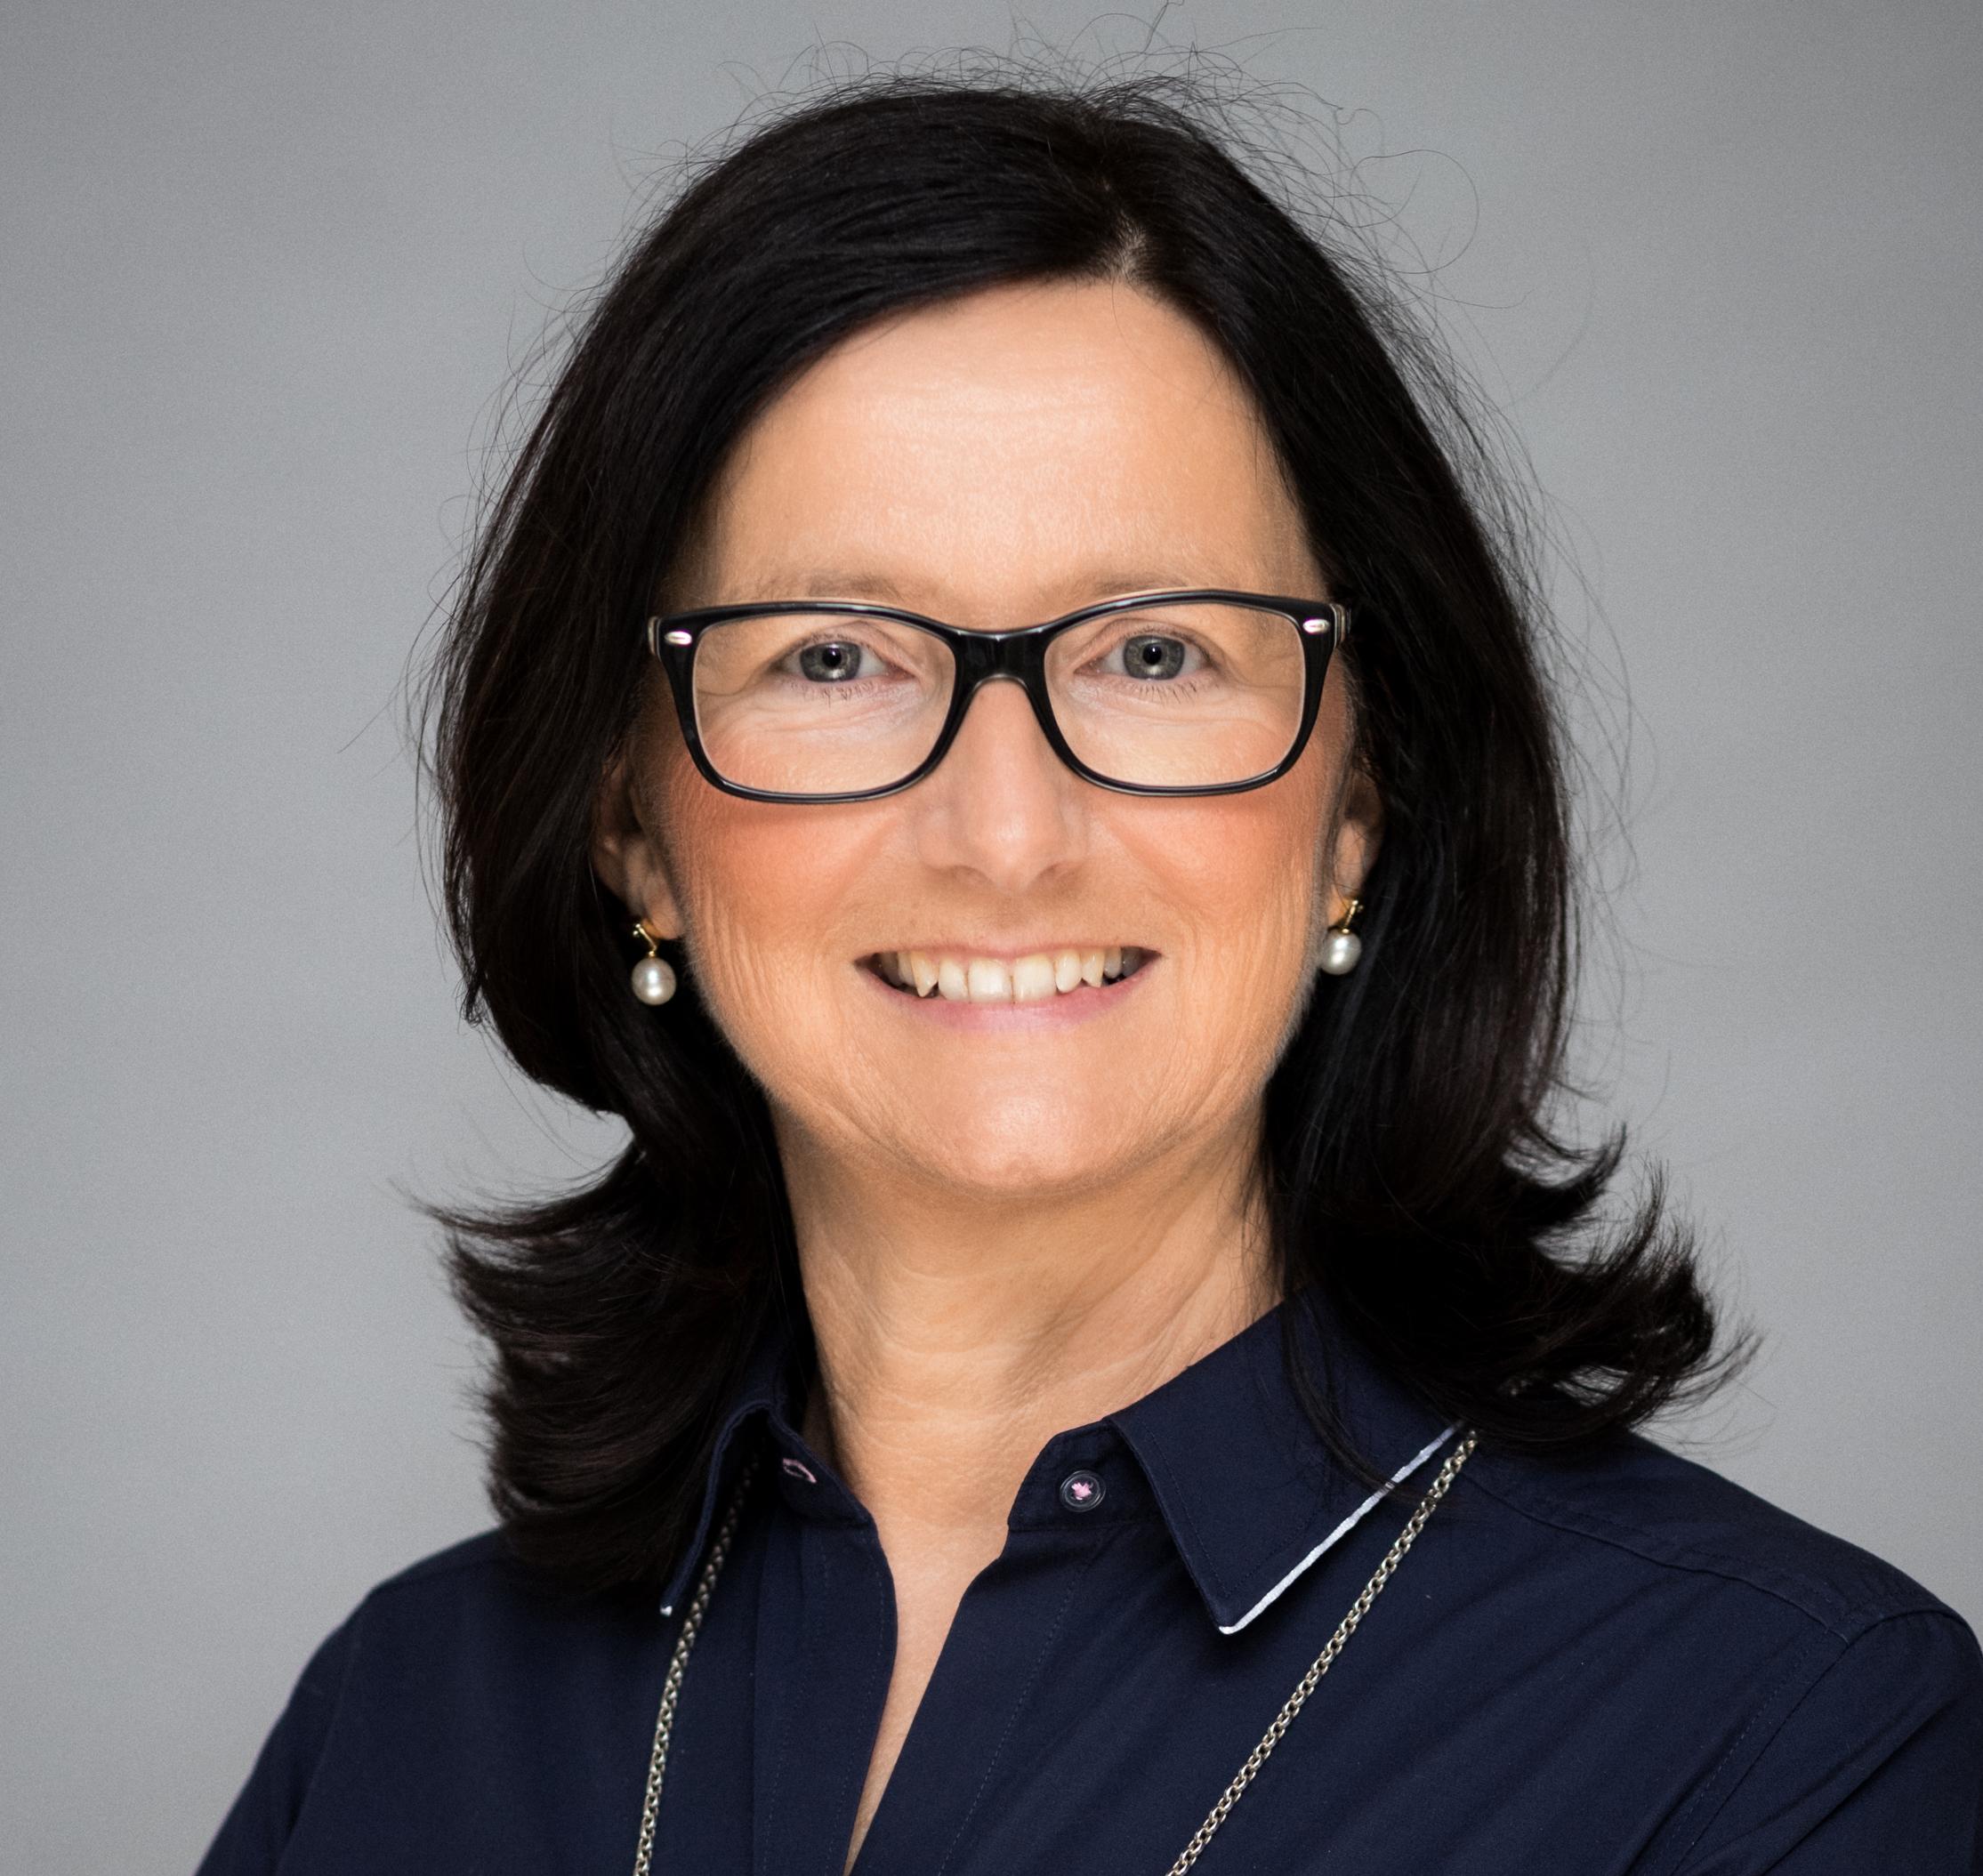 Angela Bartke, BLG